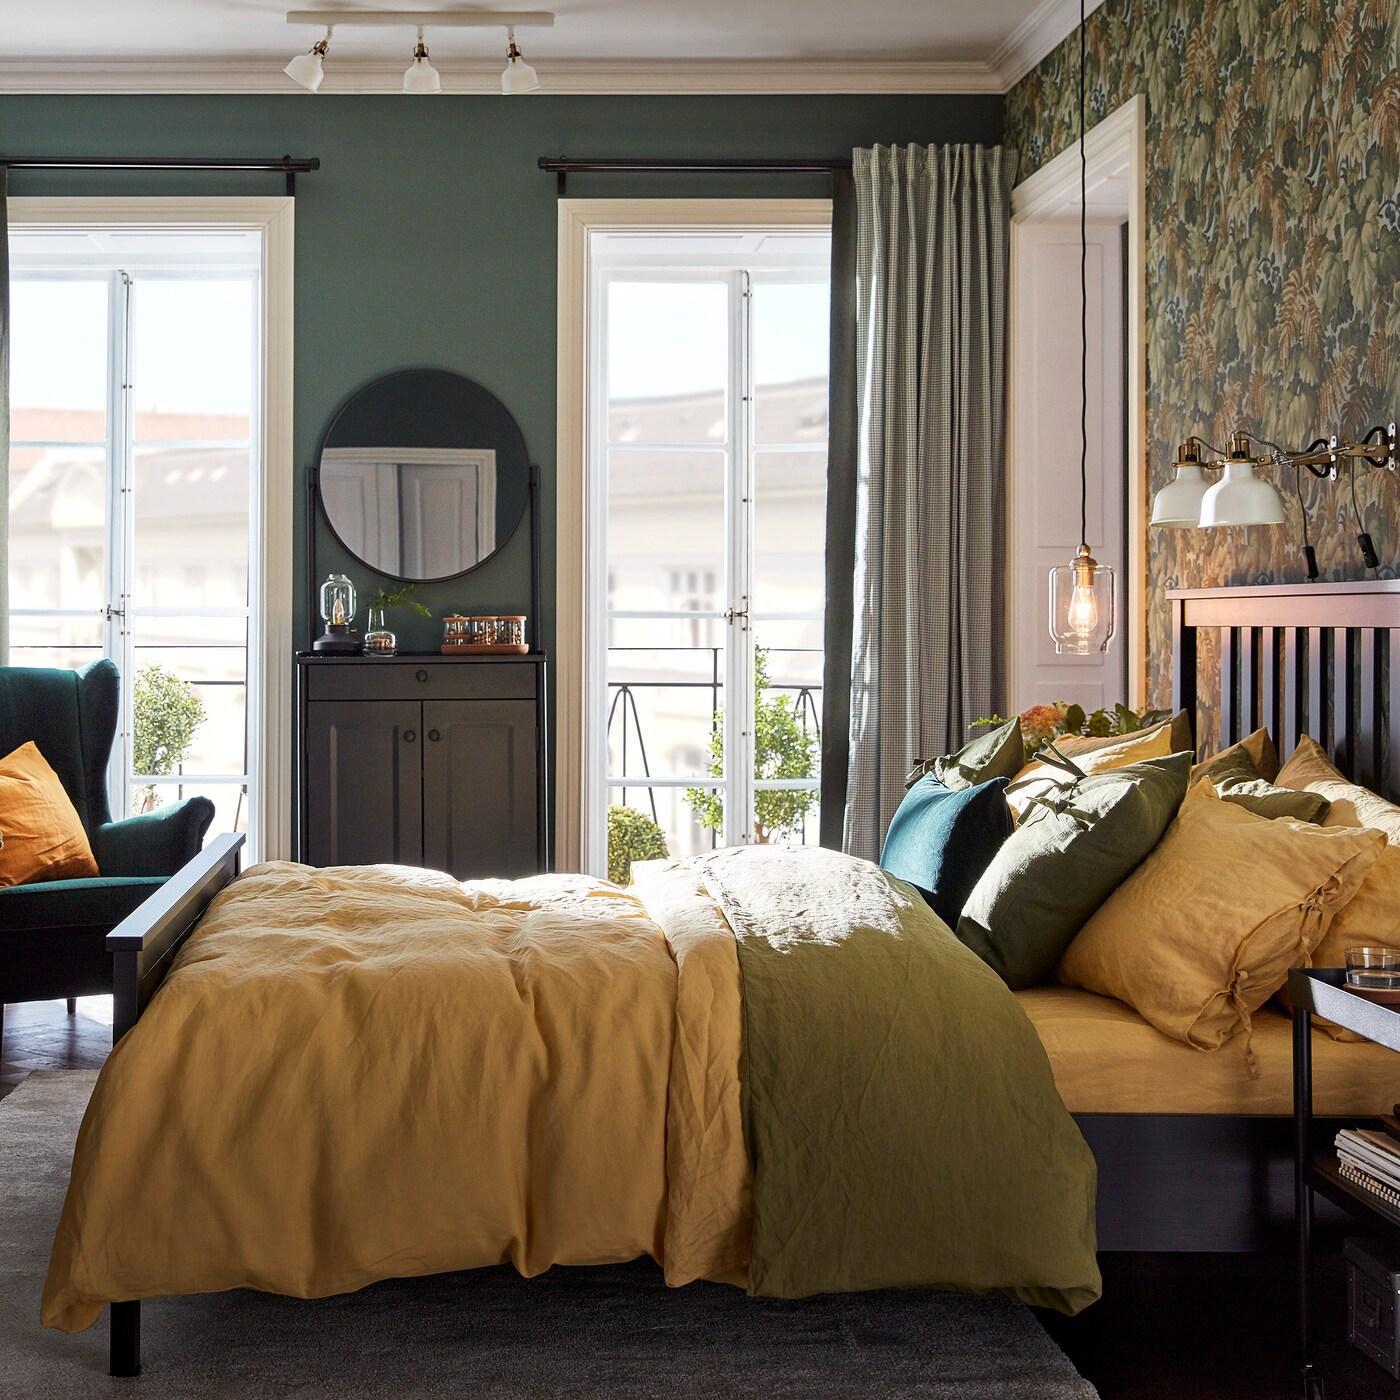 غرفة نوم بها سريرمعأغطية مخداتوأغطية ألحف أخضر وأصفر، وخزانة مع مرآة وكرسيبظهر مرتفع وجوانب بارزة أخضر.